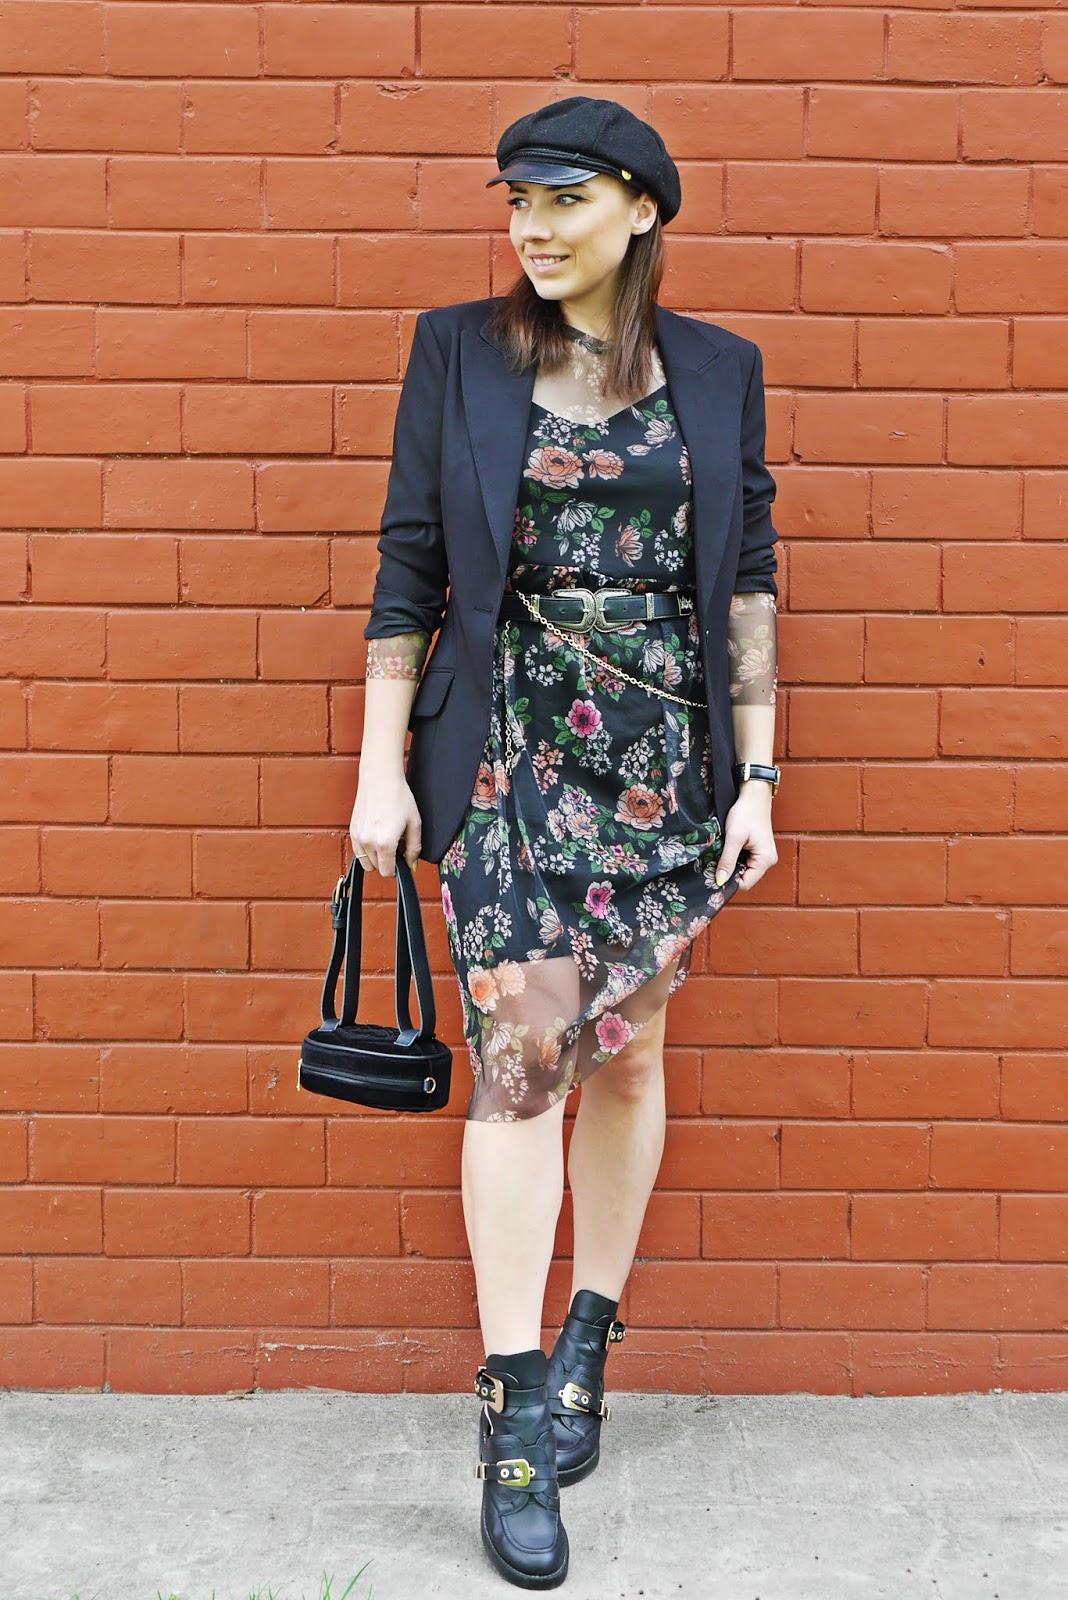 Sukiena w kwiaty bonprix buty balenciaga marynarka czarna nerka renee karyn blog modowy